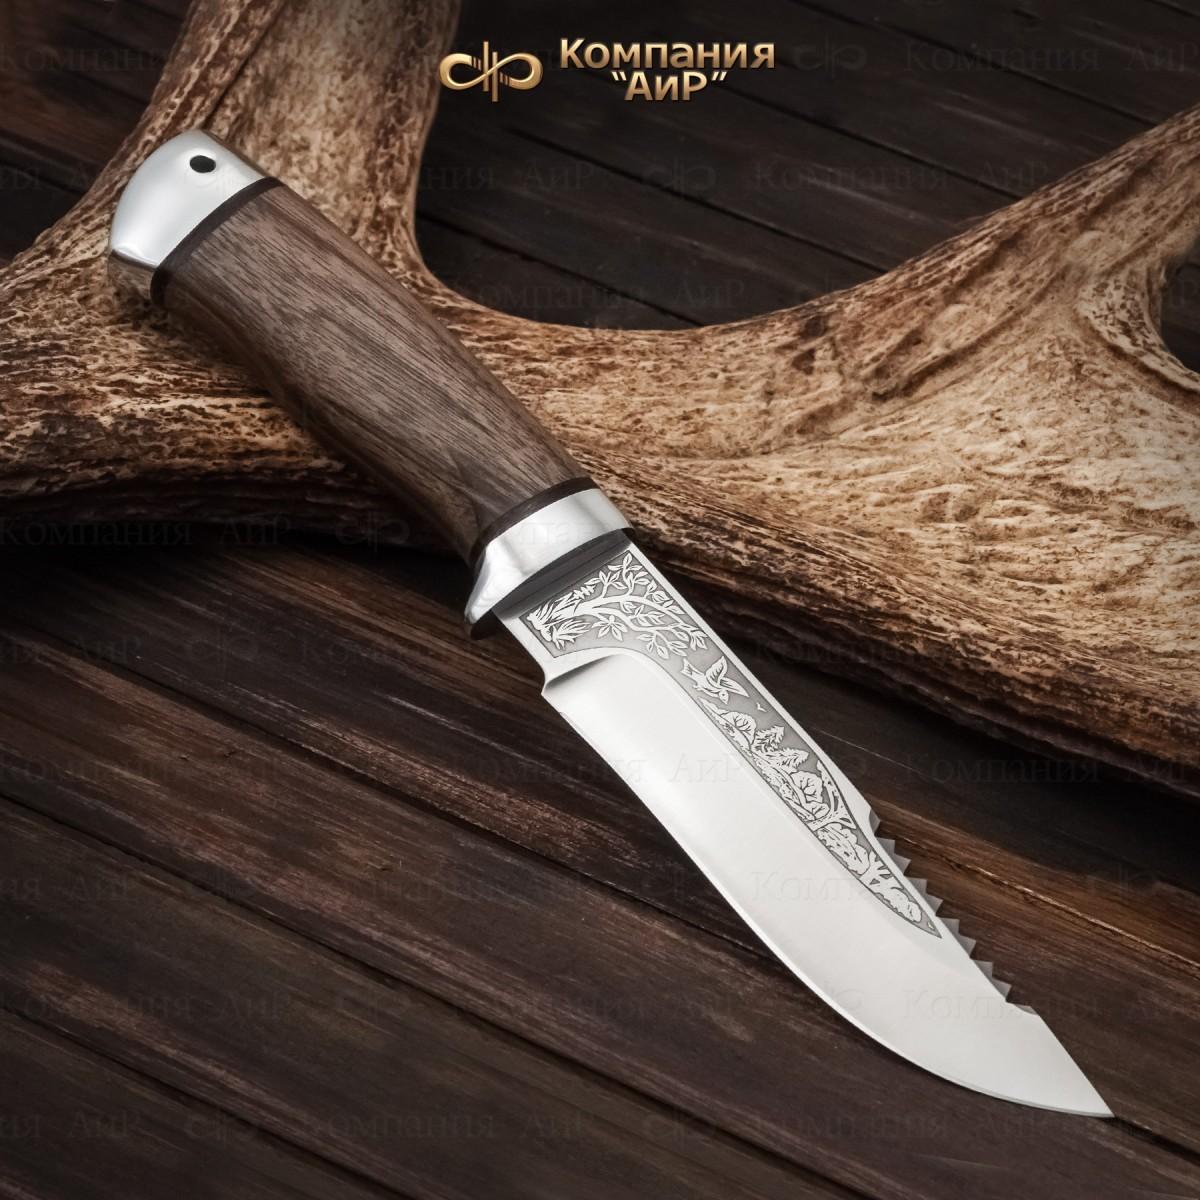 Нож АиР Стрелец, сталь К-340, рукоять дерево